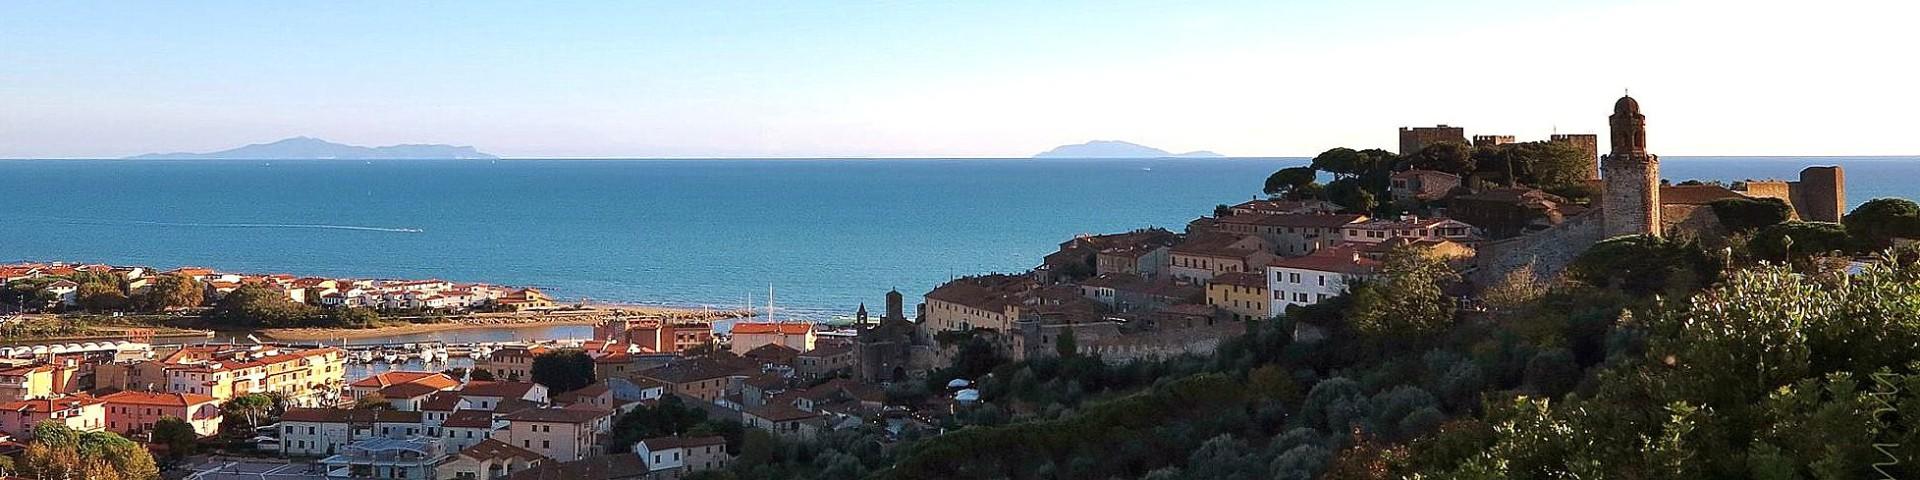 Castiglione della Pescaia, na obzoru nalevo ostrov Giglio, napravo Montechristo